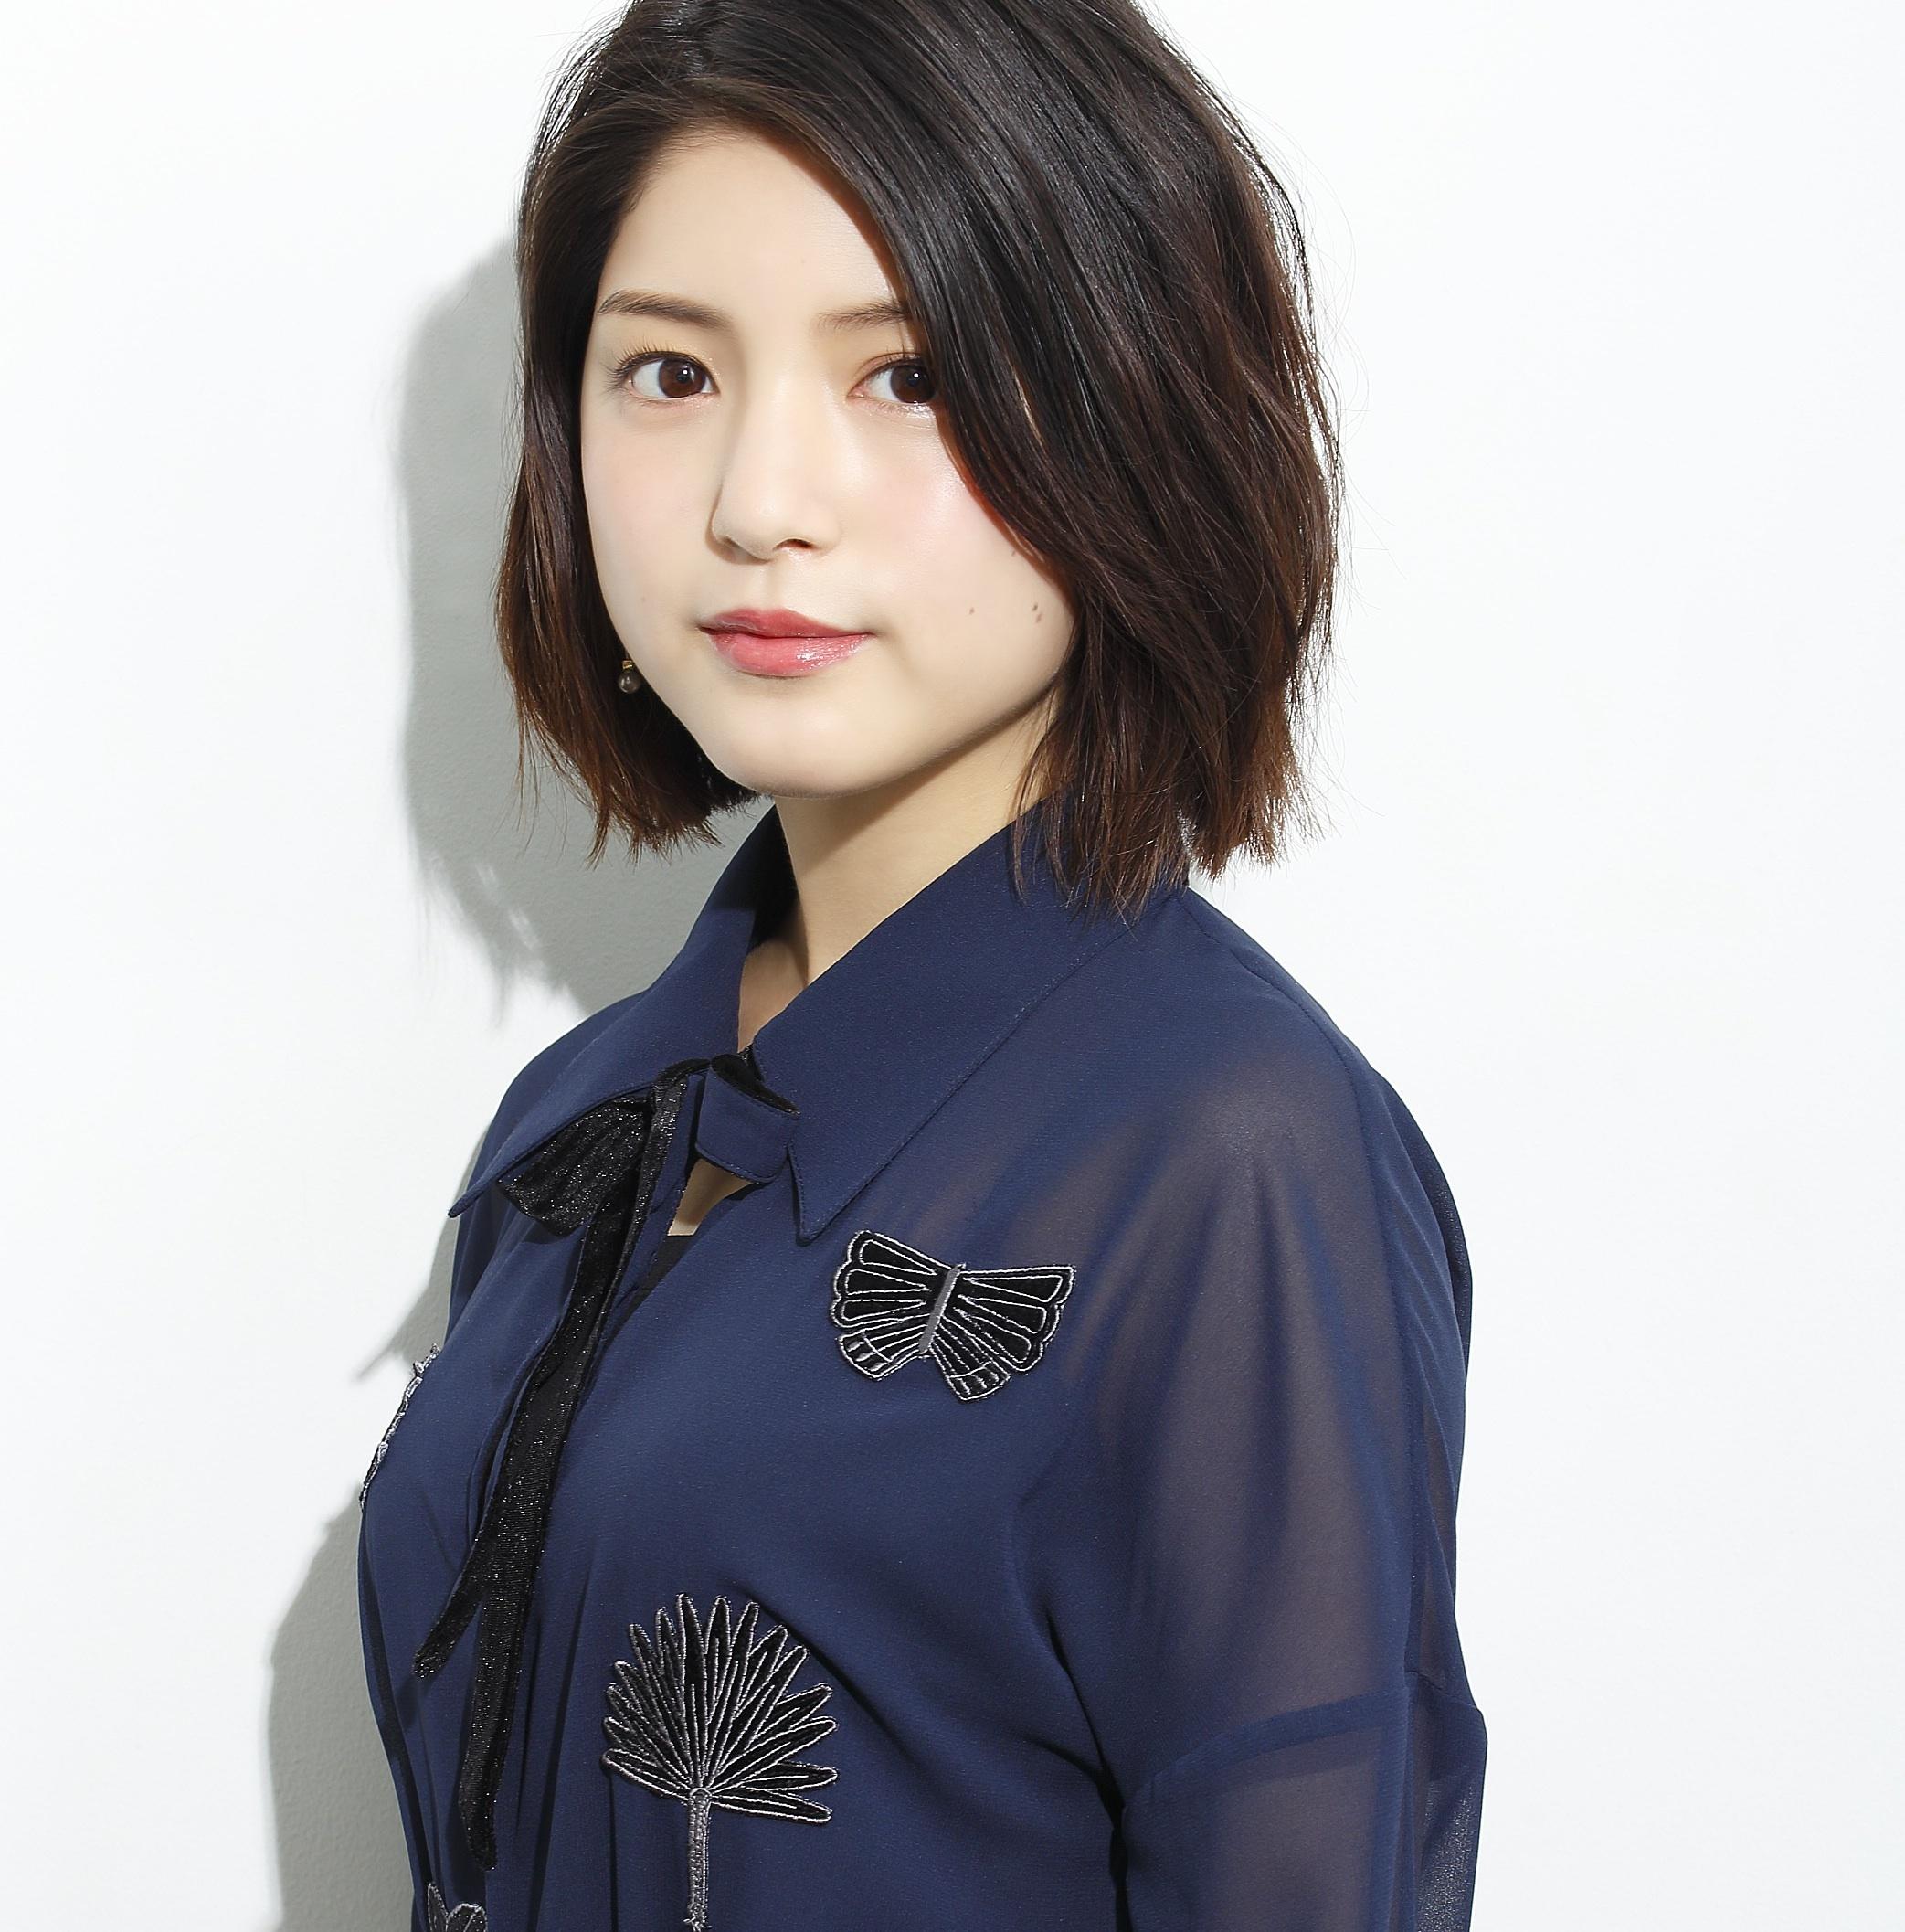 女優・川島海荷、「朝の顔」とは違う◯◯とはーー?